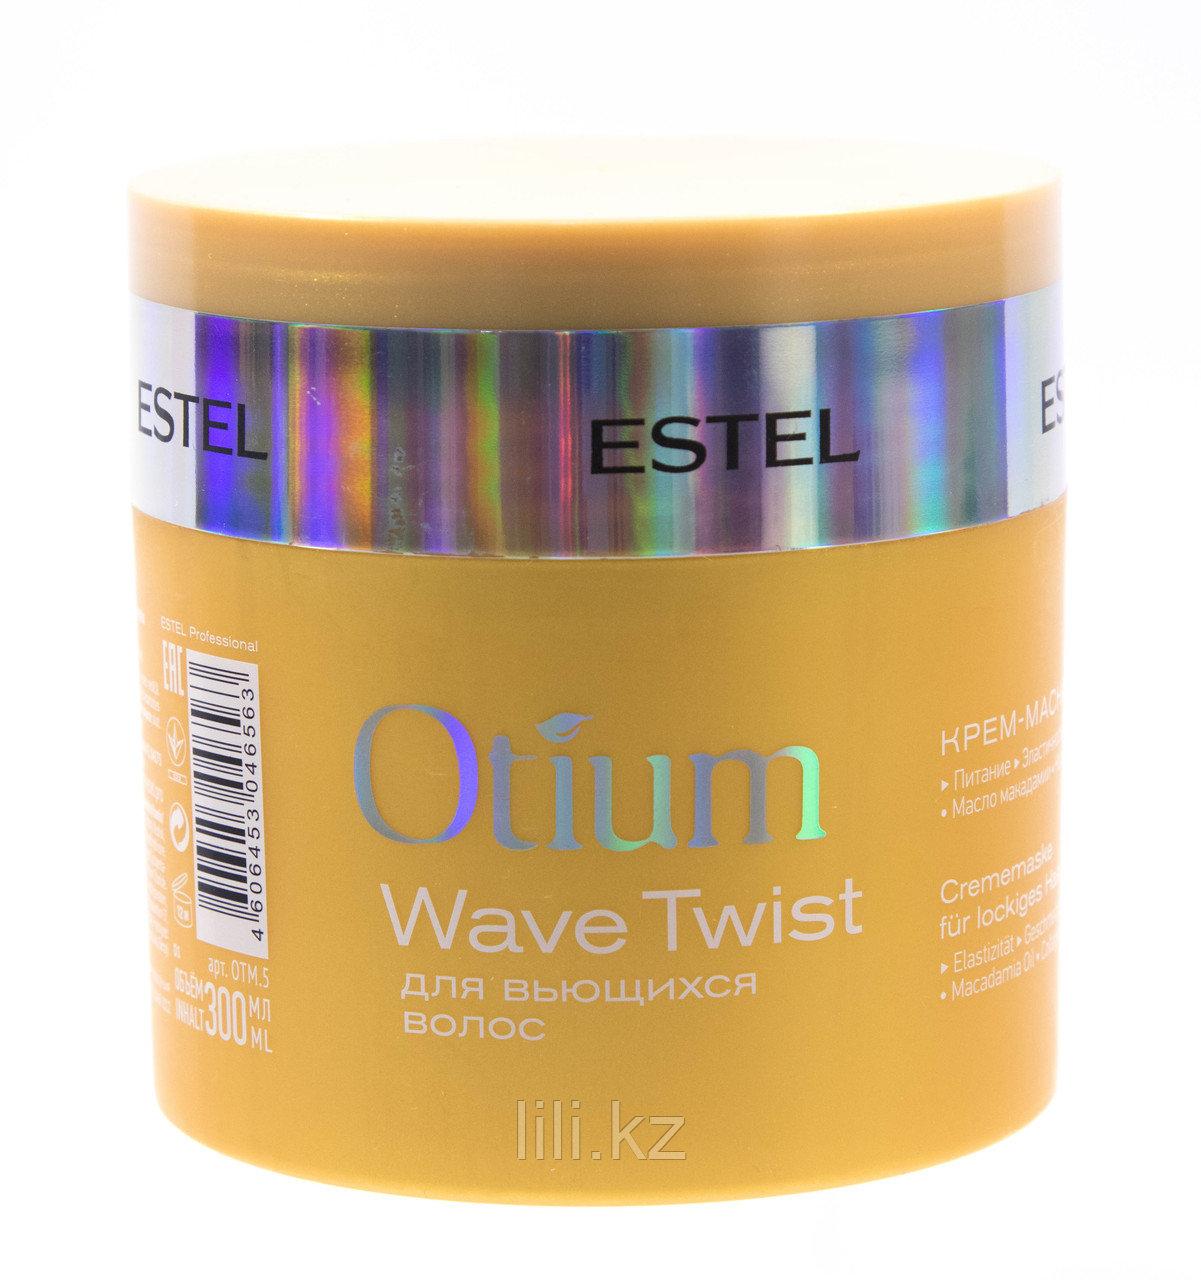 Крем - маска для вьющихся волос Estel OTIUM Twist, 300 мл.